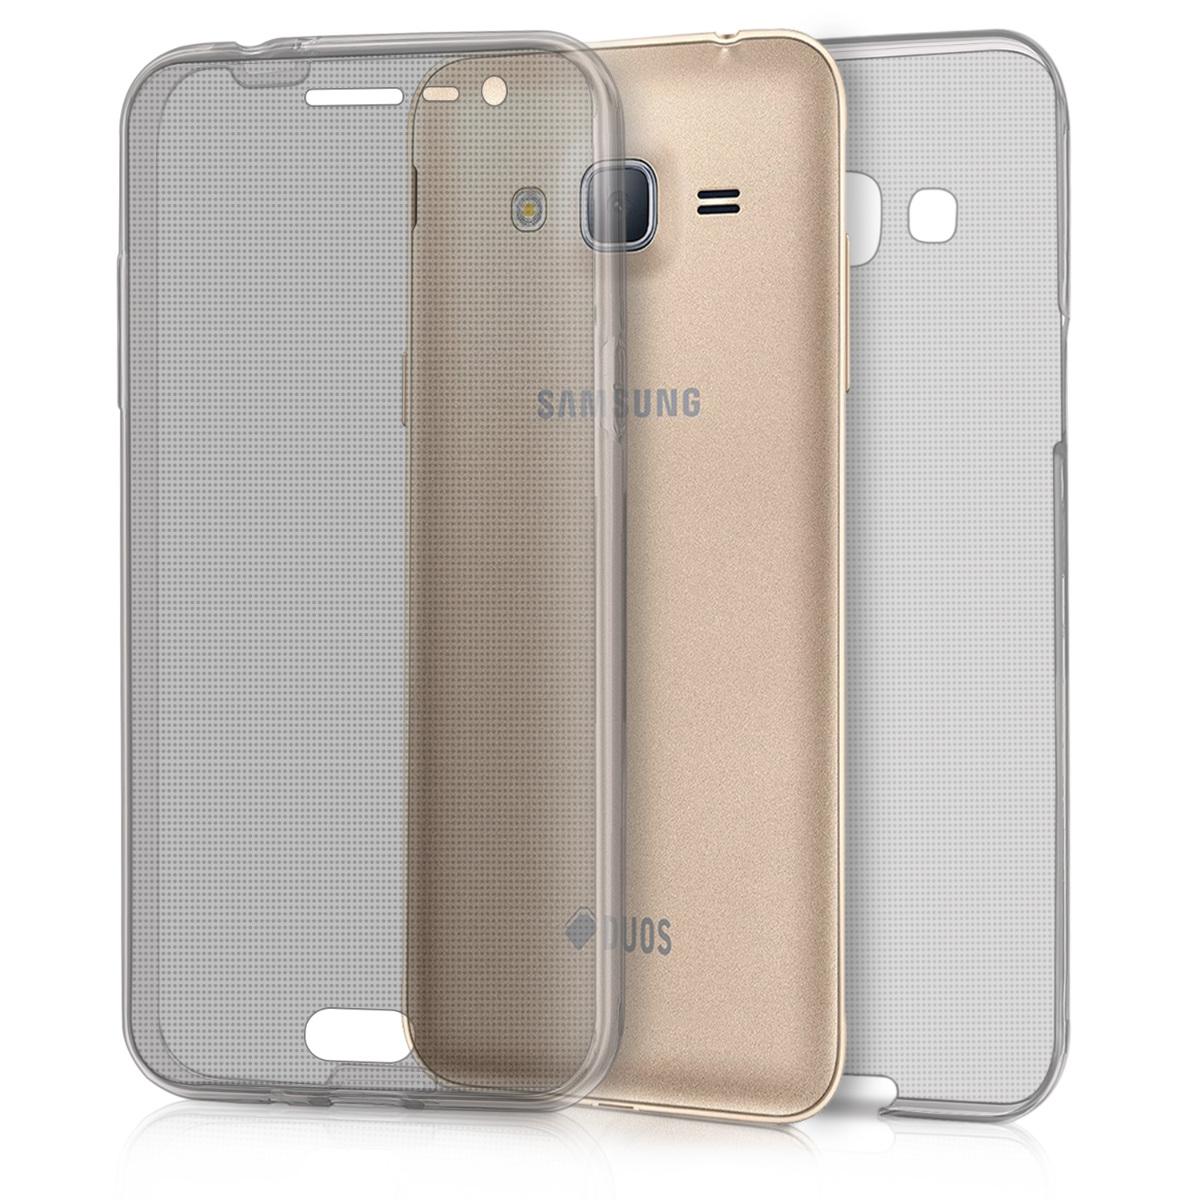 KW Θήκη Σιλικόνης Full Body Samsung Galaxy J3 2016 - Διάφανο (39319.01)